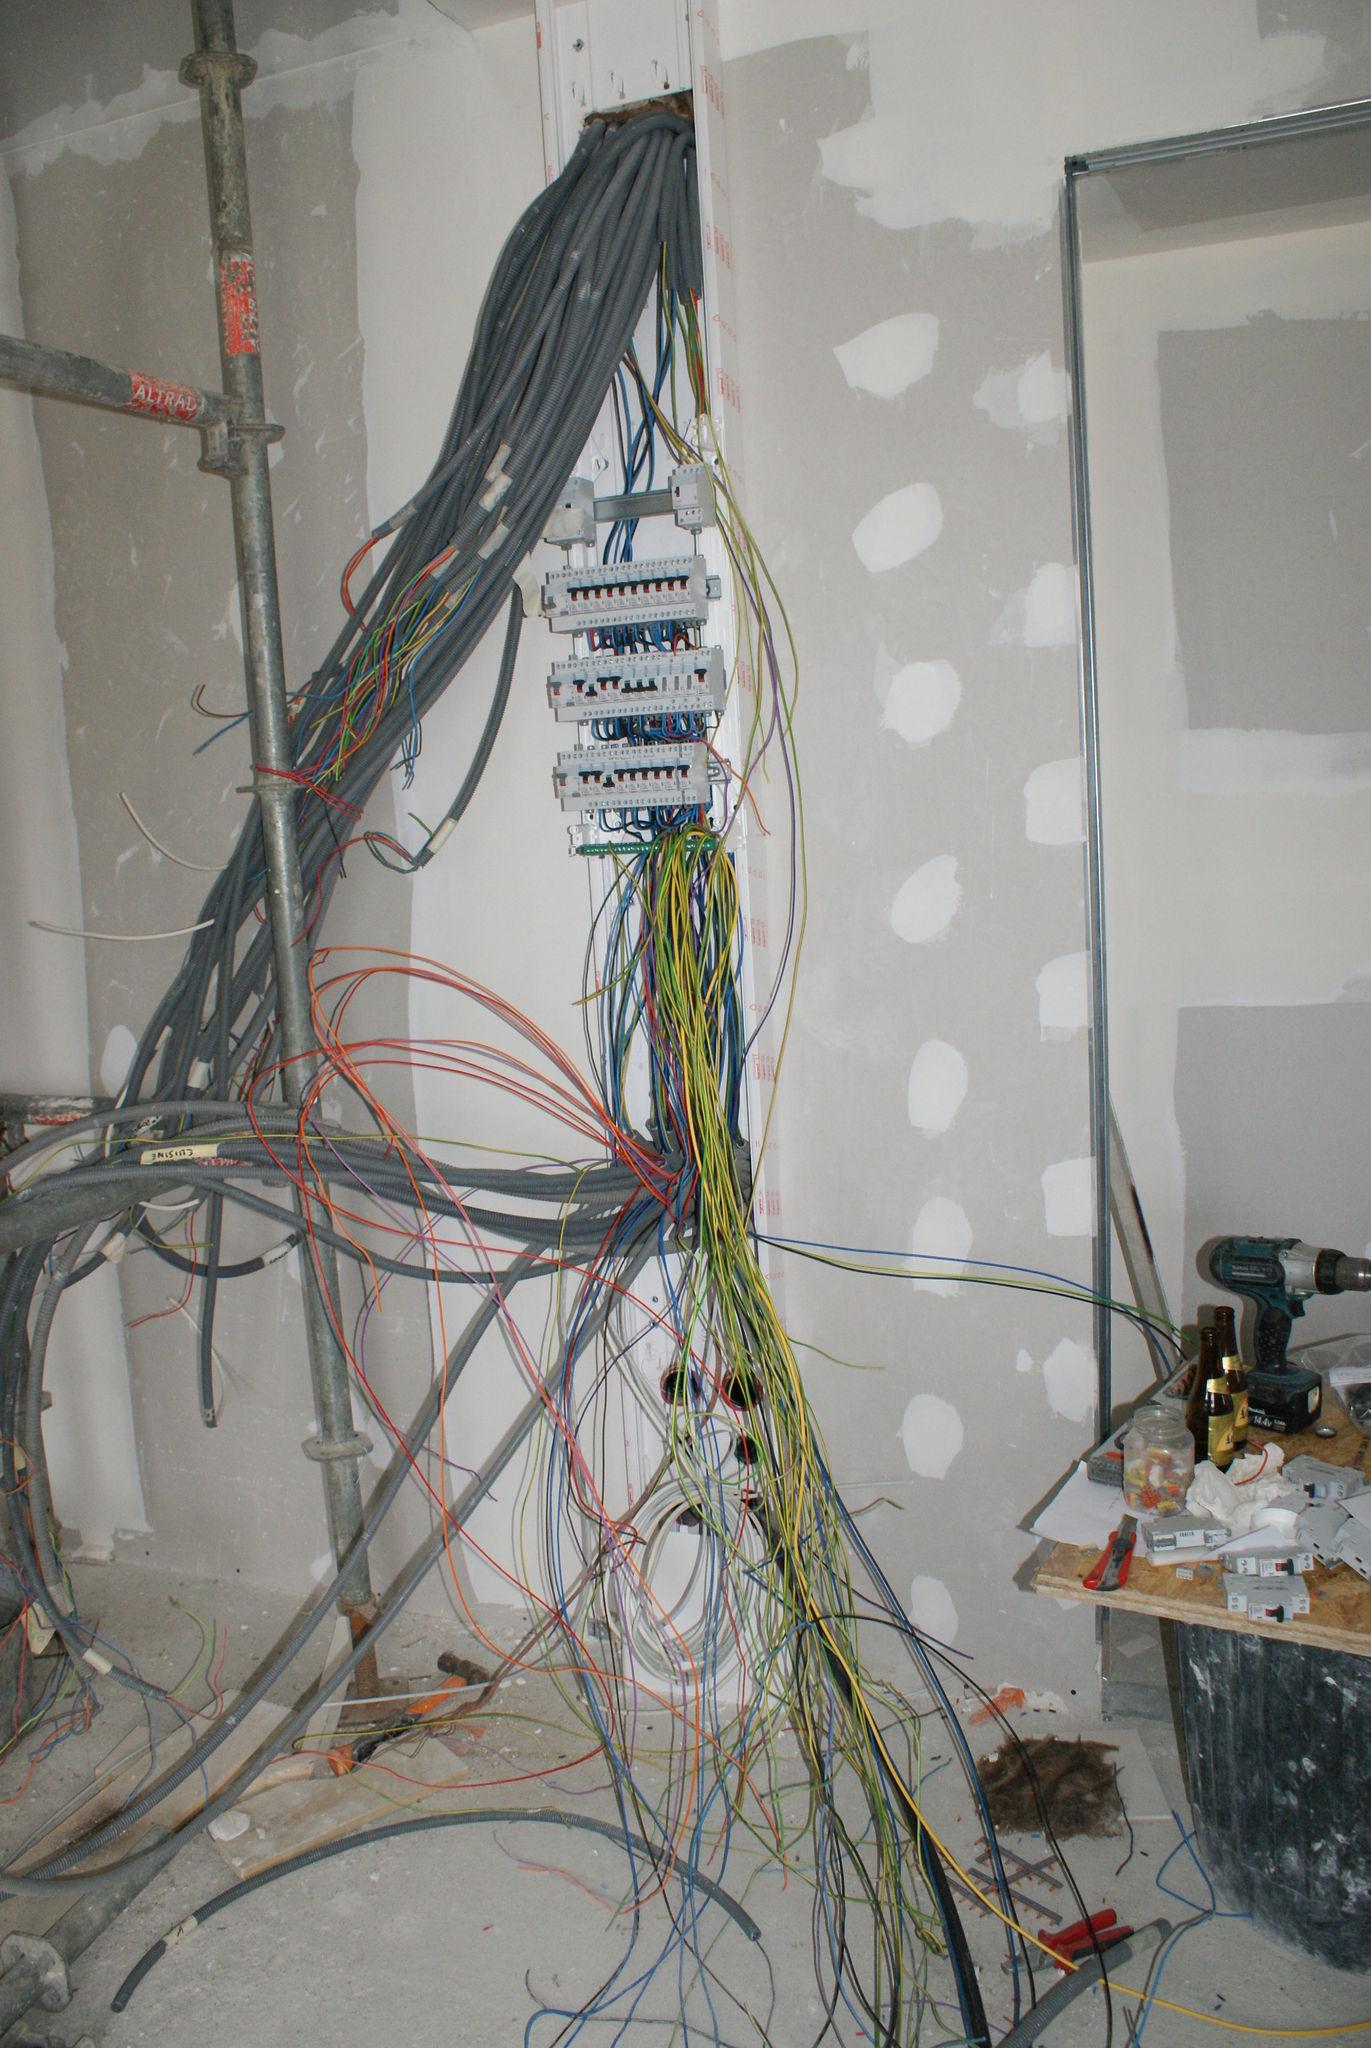 Arrivée gaine tableau electrique